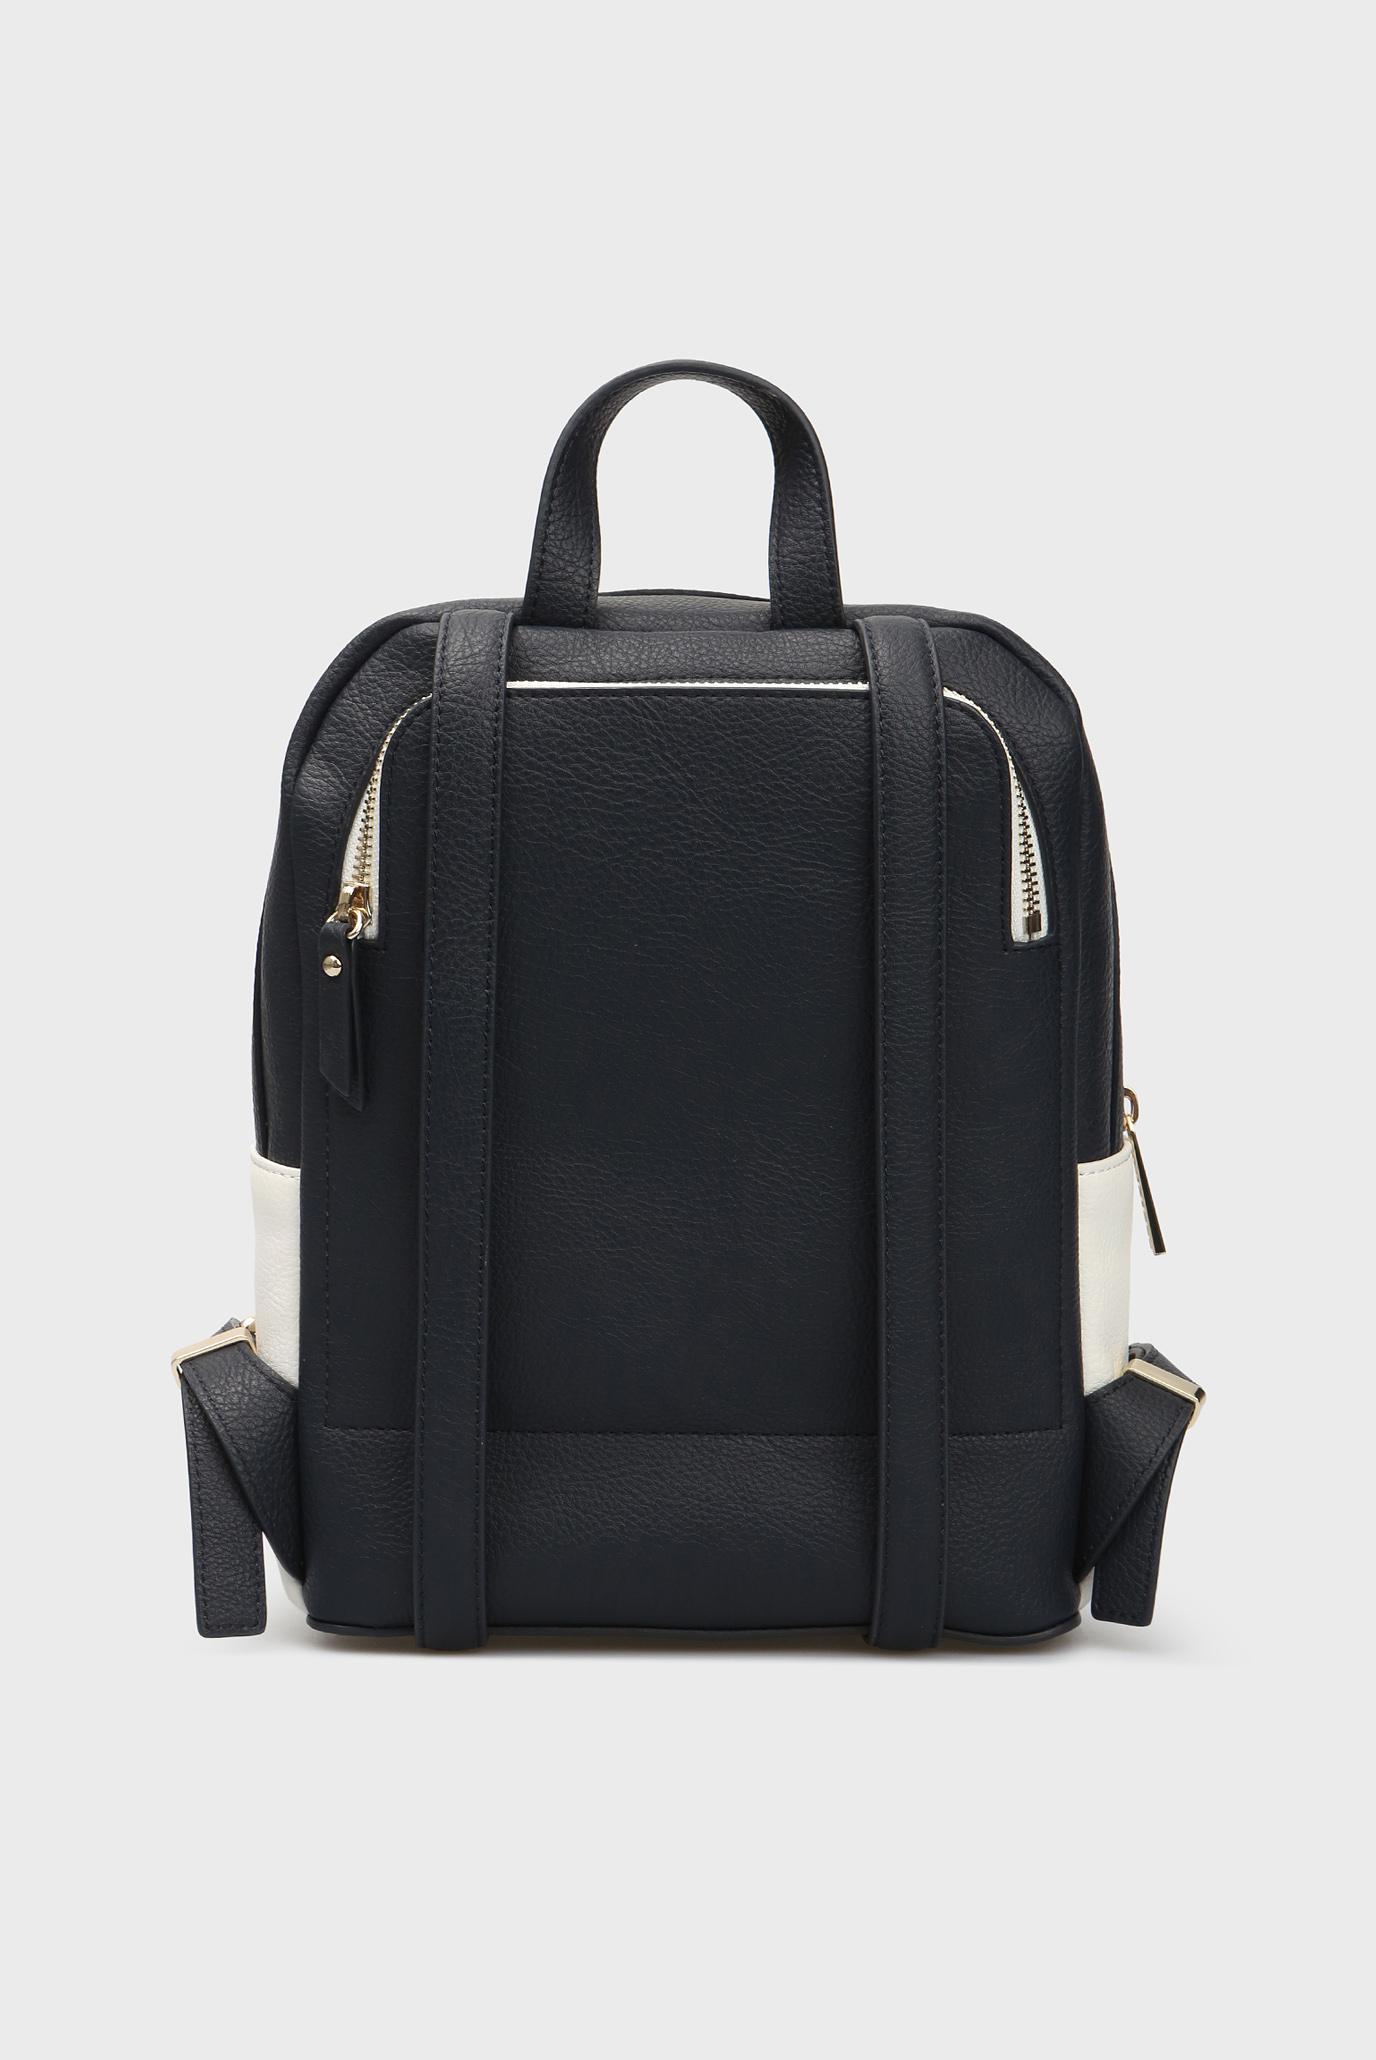 Купить Женский белый рюкзак Tommy Hilfiger Tommy Hilfiger AW0AW05447 – Киев, Украина. Цены в интернет магазине MD Fashion